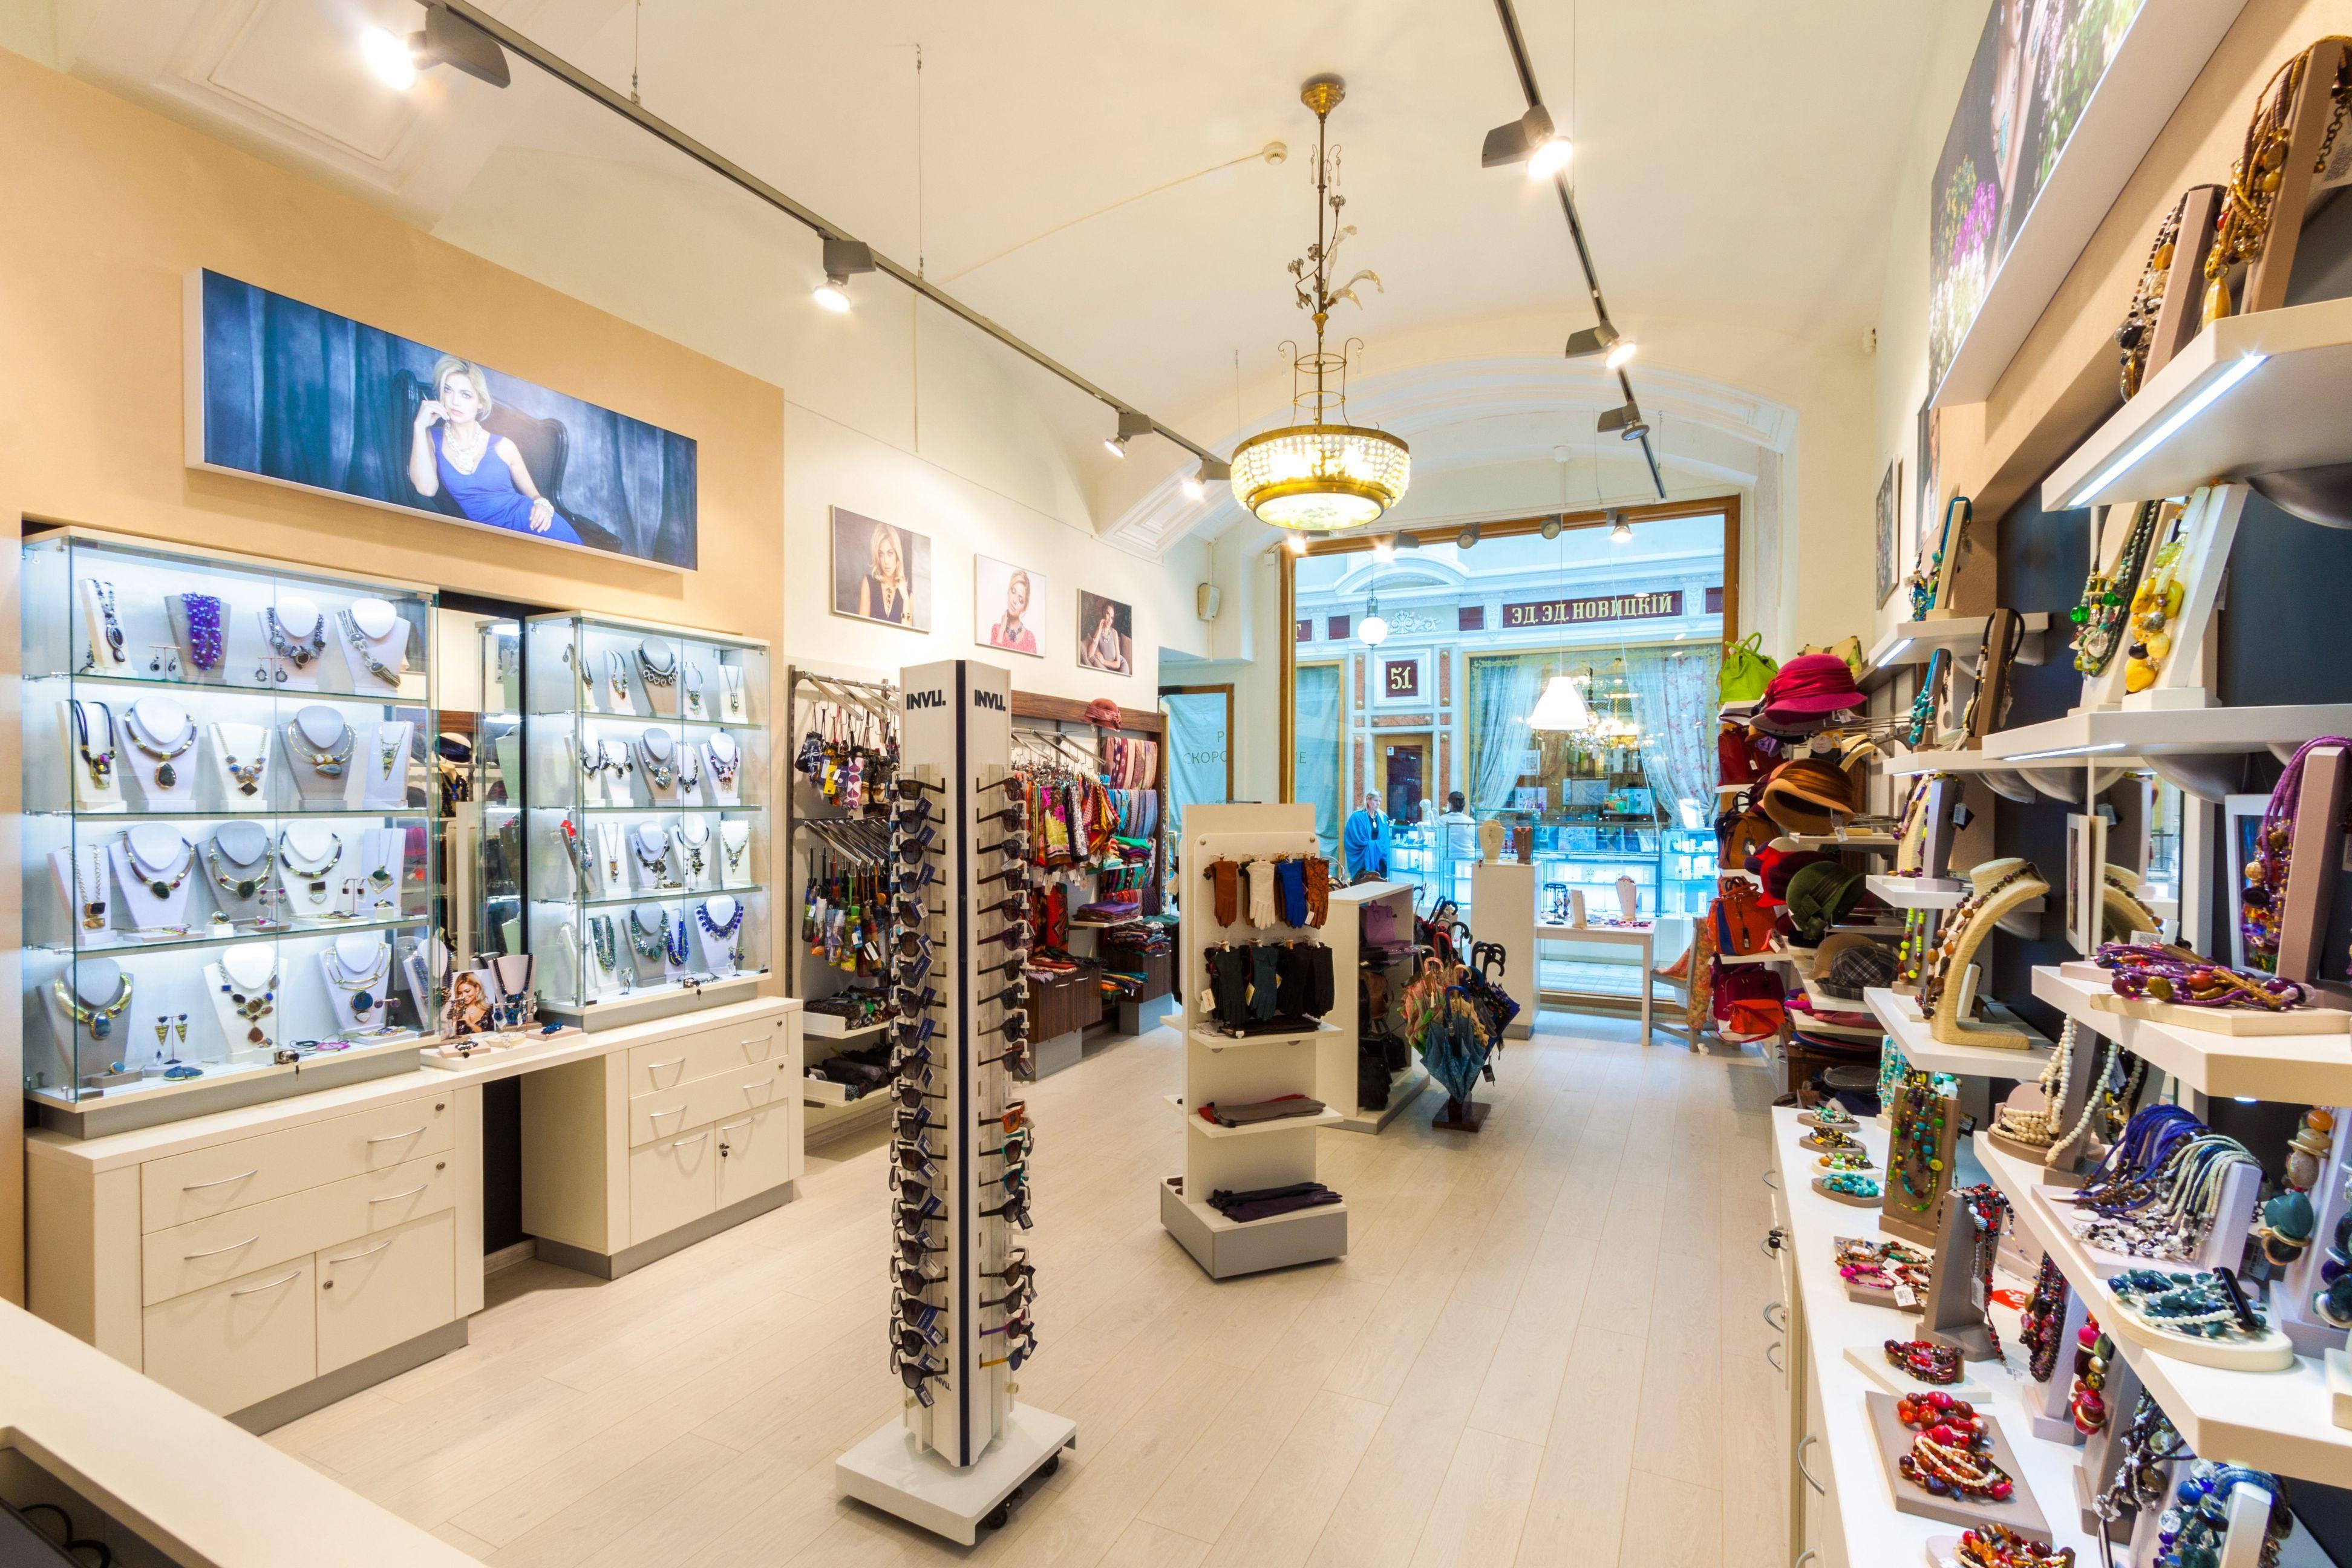 7b1c5a91b9b2 Франчайзинг розничного магазина бижутерии и женских аксессуаров под  известным брендом SELENA - это новый этап в развитии вашего бизнеса!